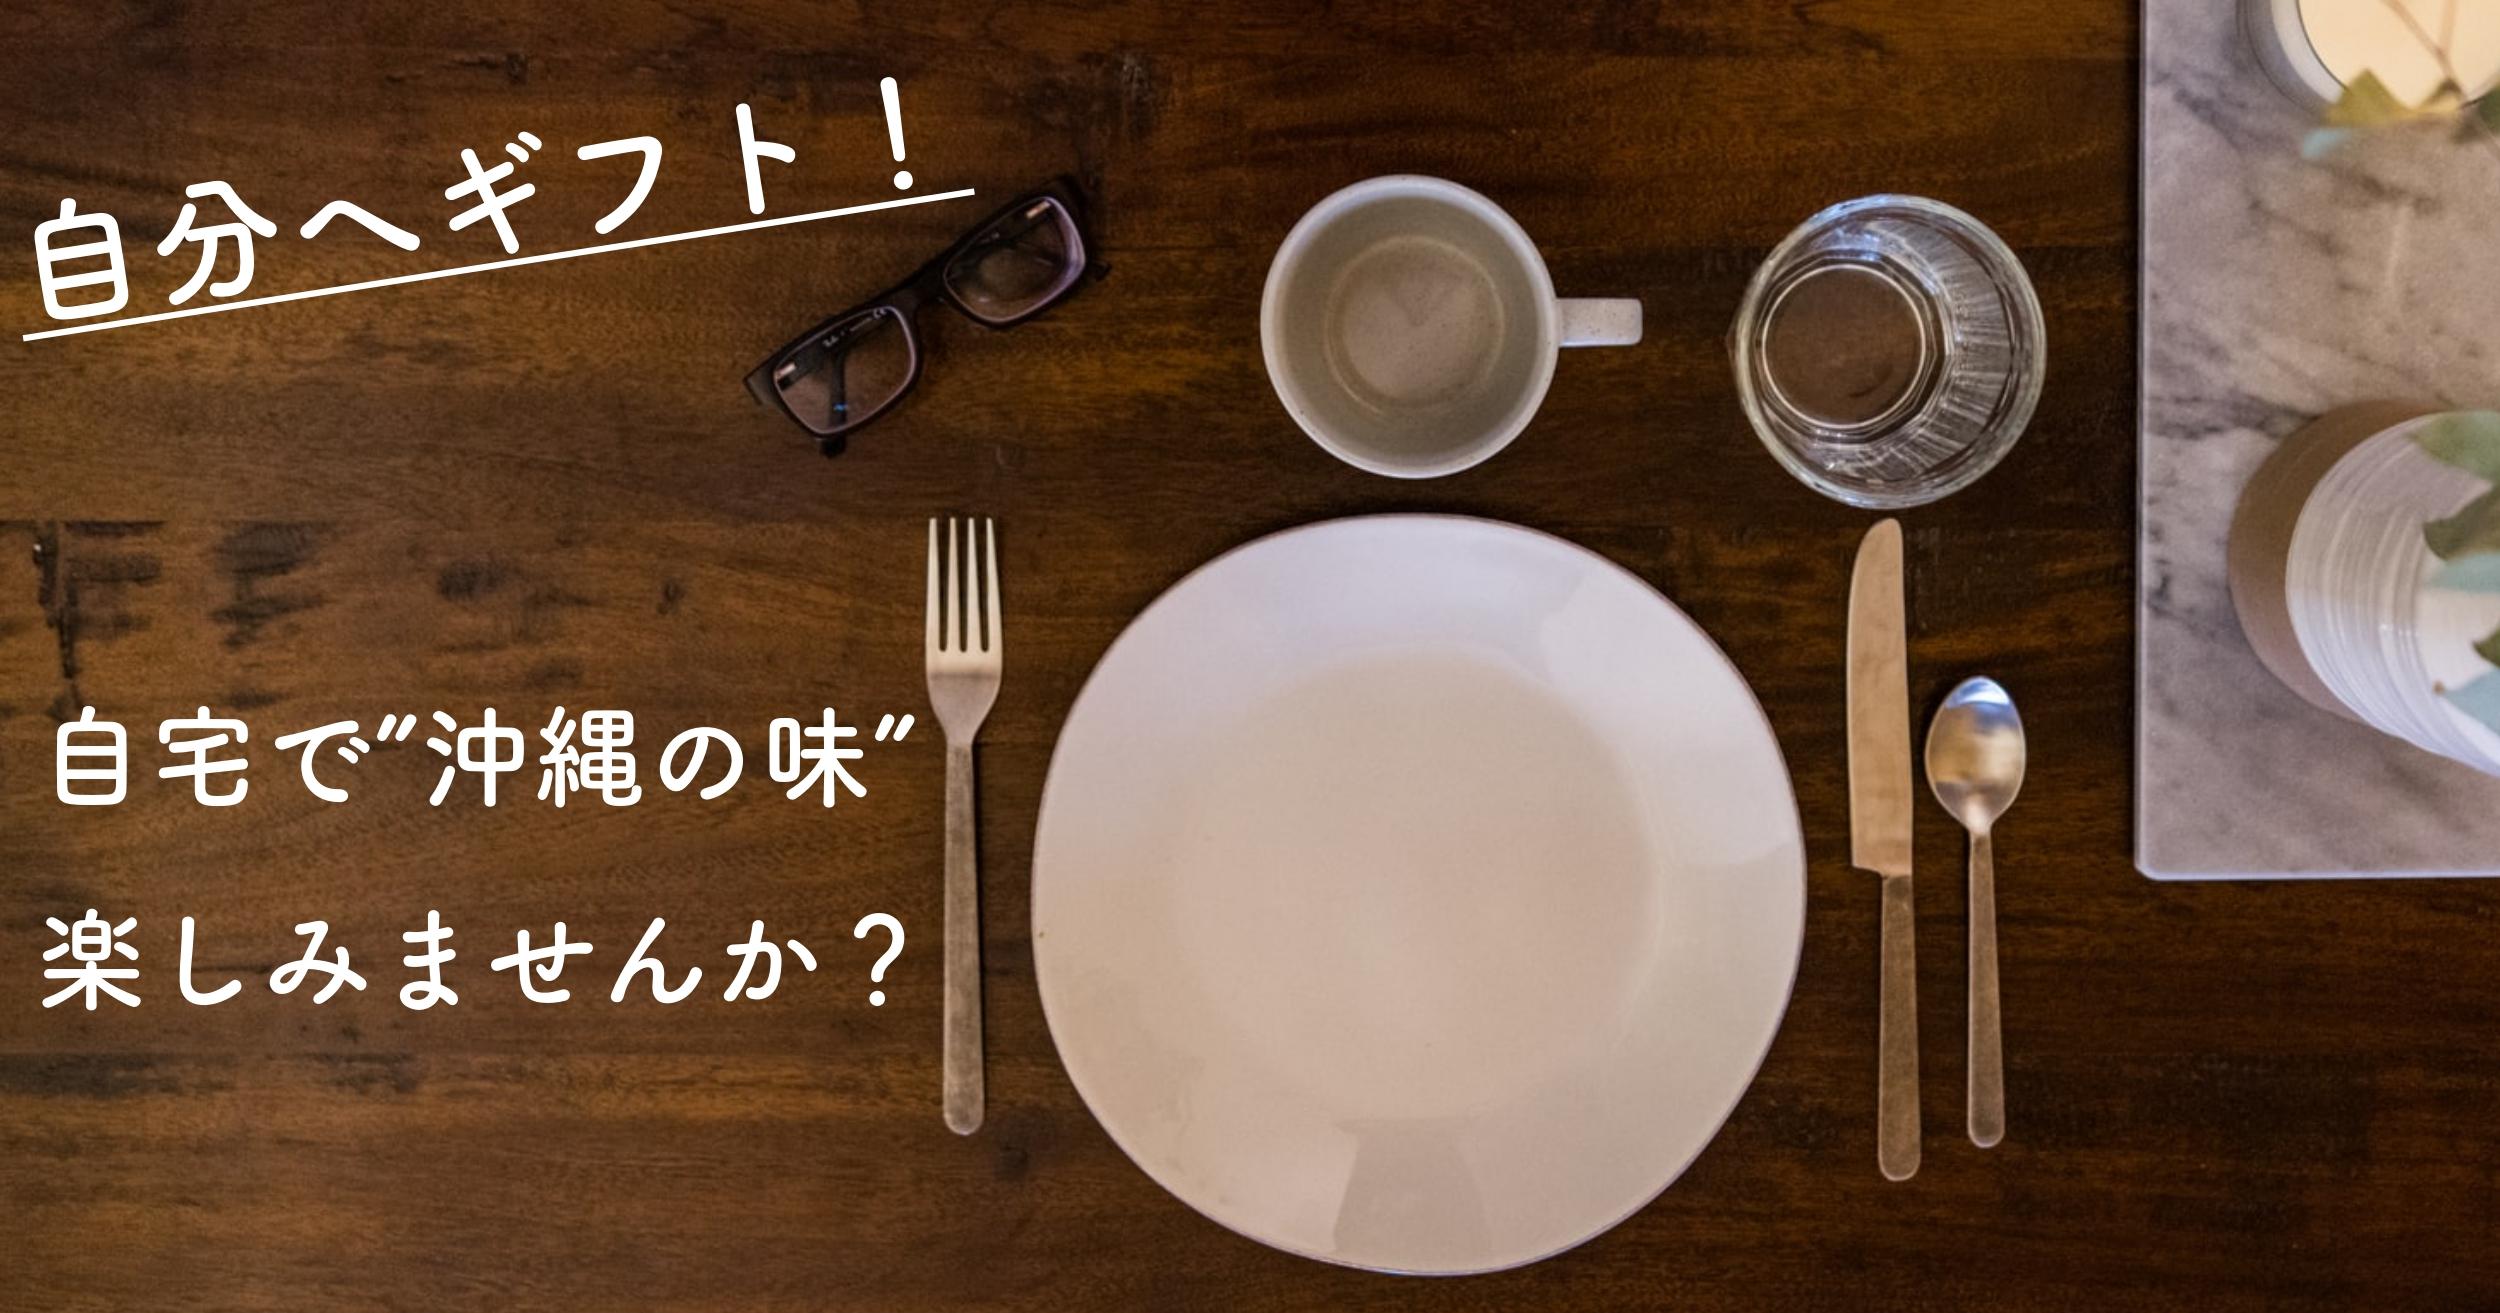 【自分にギフト】自分へのご褒美に沖縄の味を楽しみませんか?